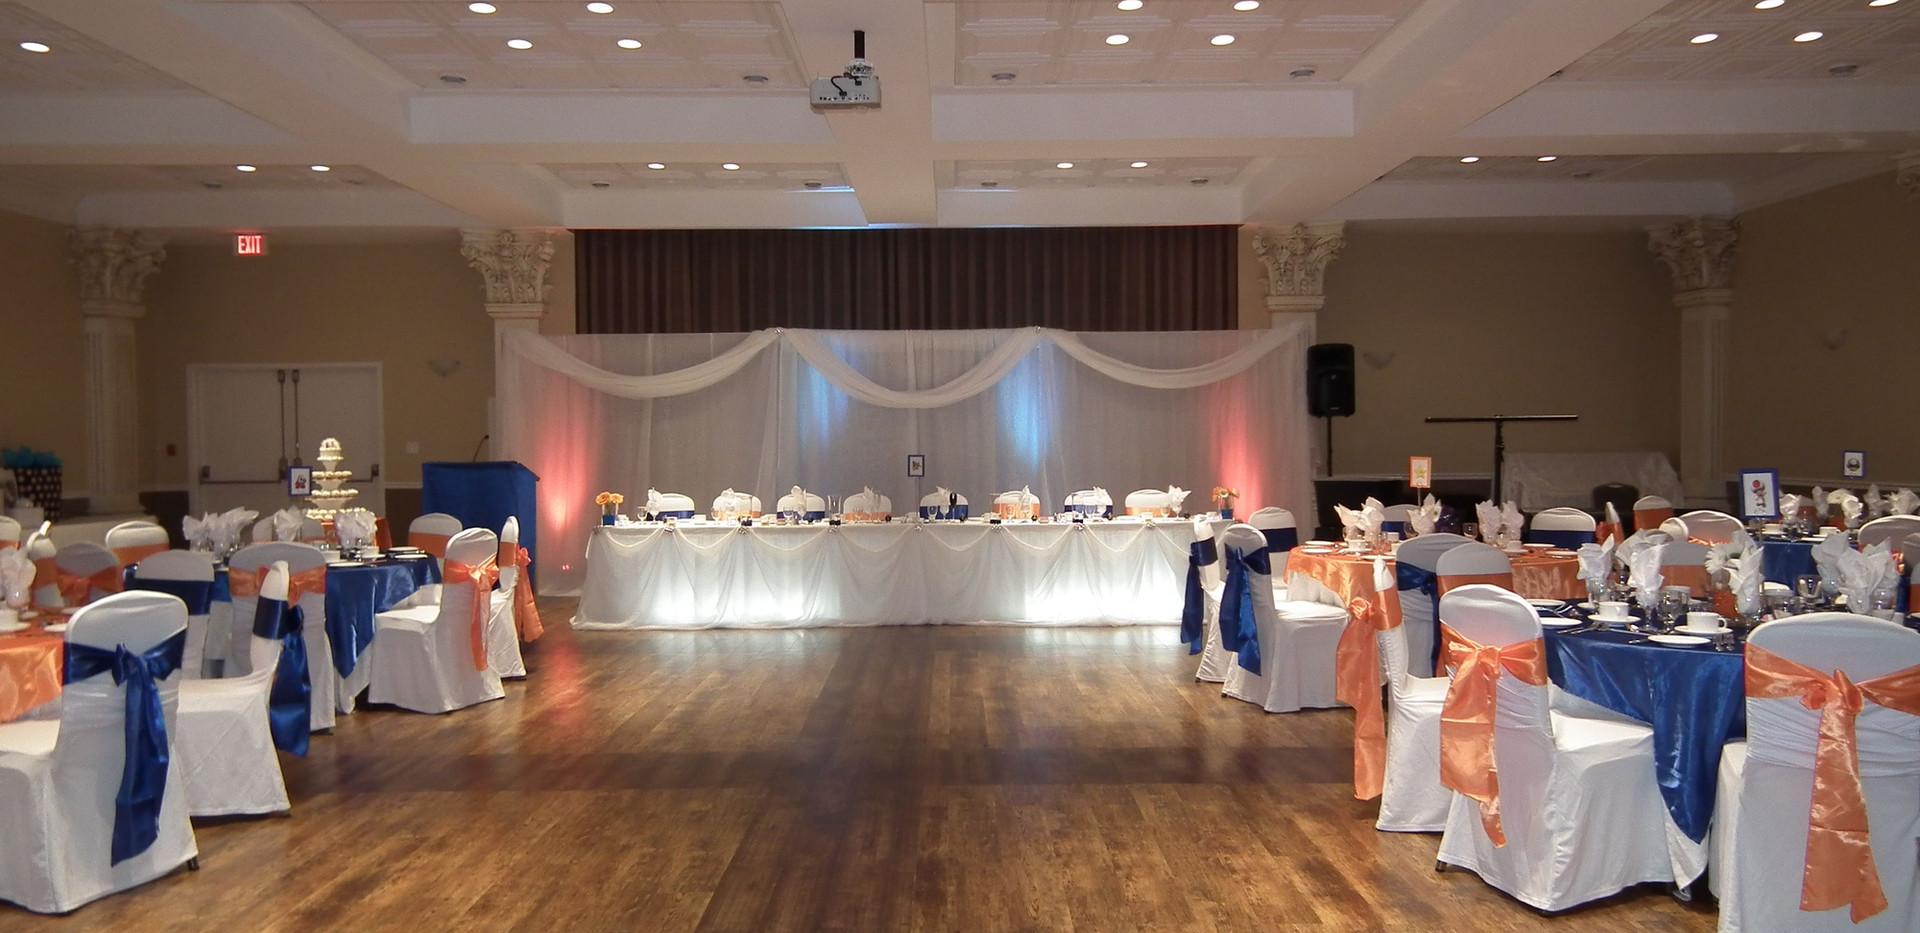 Banquet Rm 3.jpg